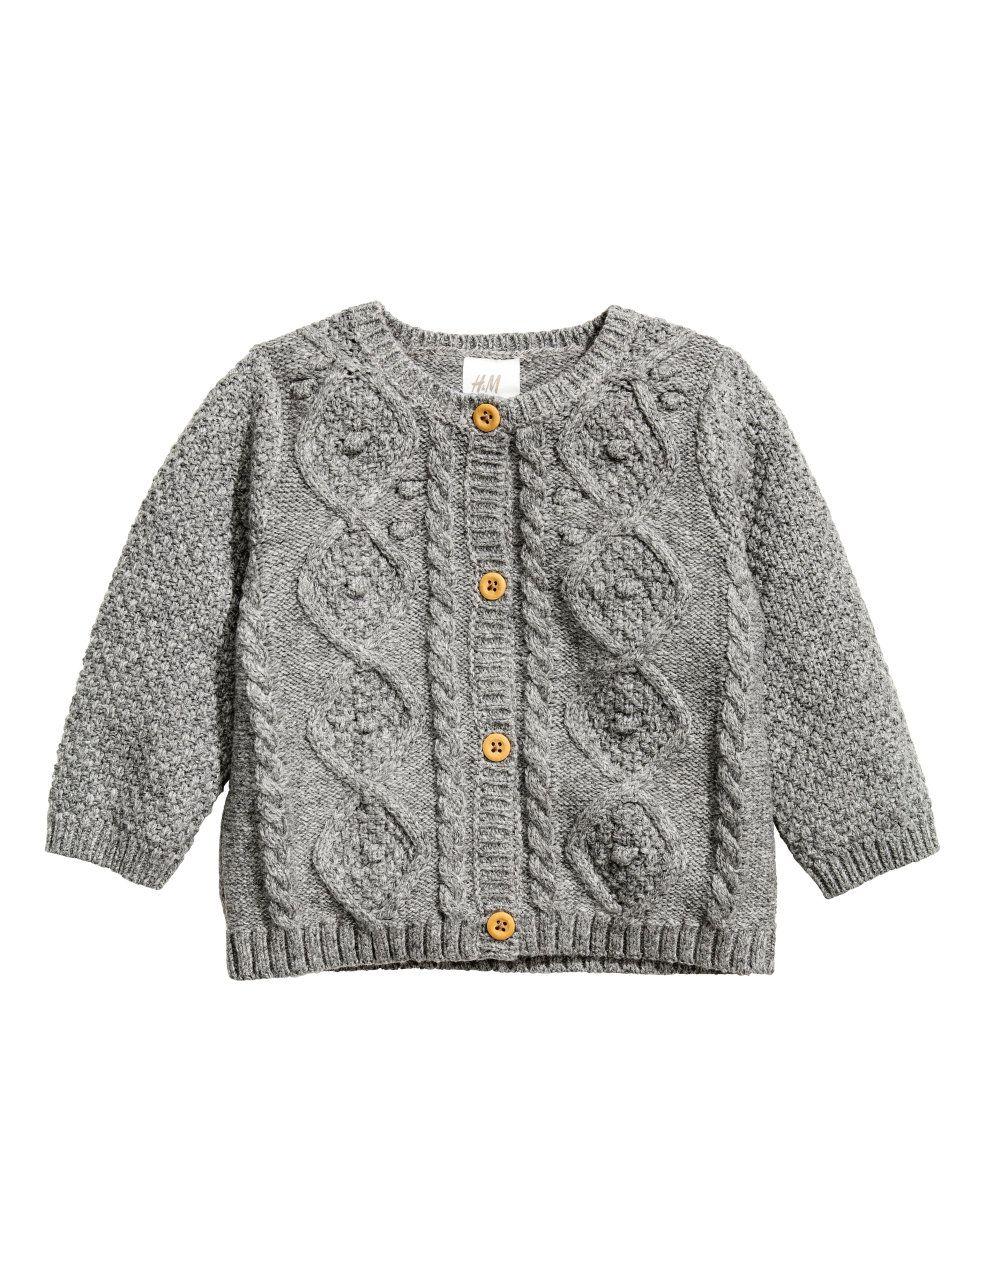 Cable-knit Cardigan   Gray melange   Kids   H&M US   Madeline ...